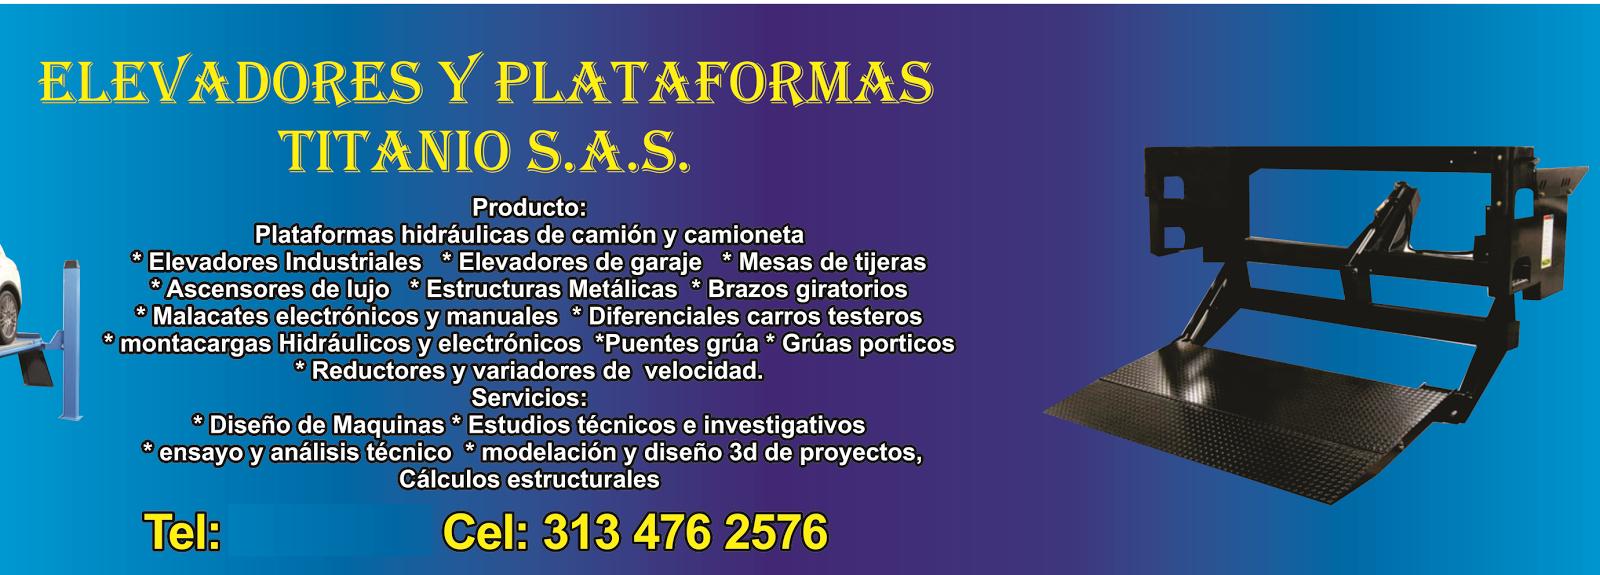 ELEVADORES Y PLATAFORMAS TITANIO S.A.S